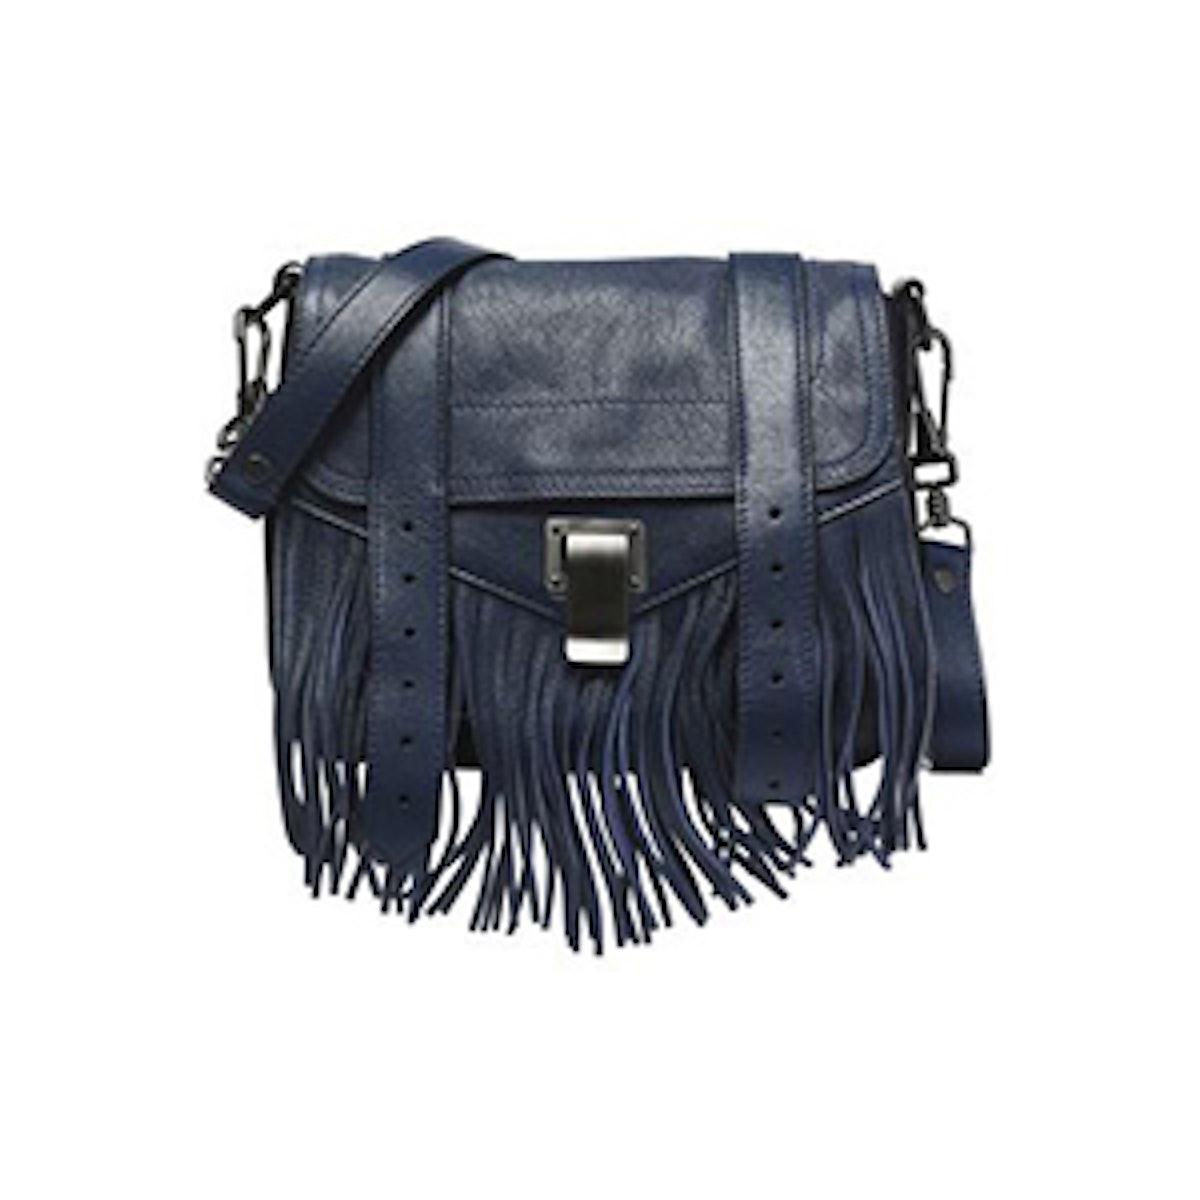 PS1 Fringed Leather Shoulder Bag